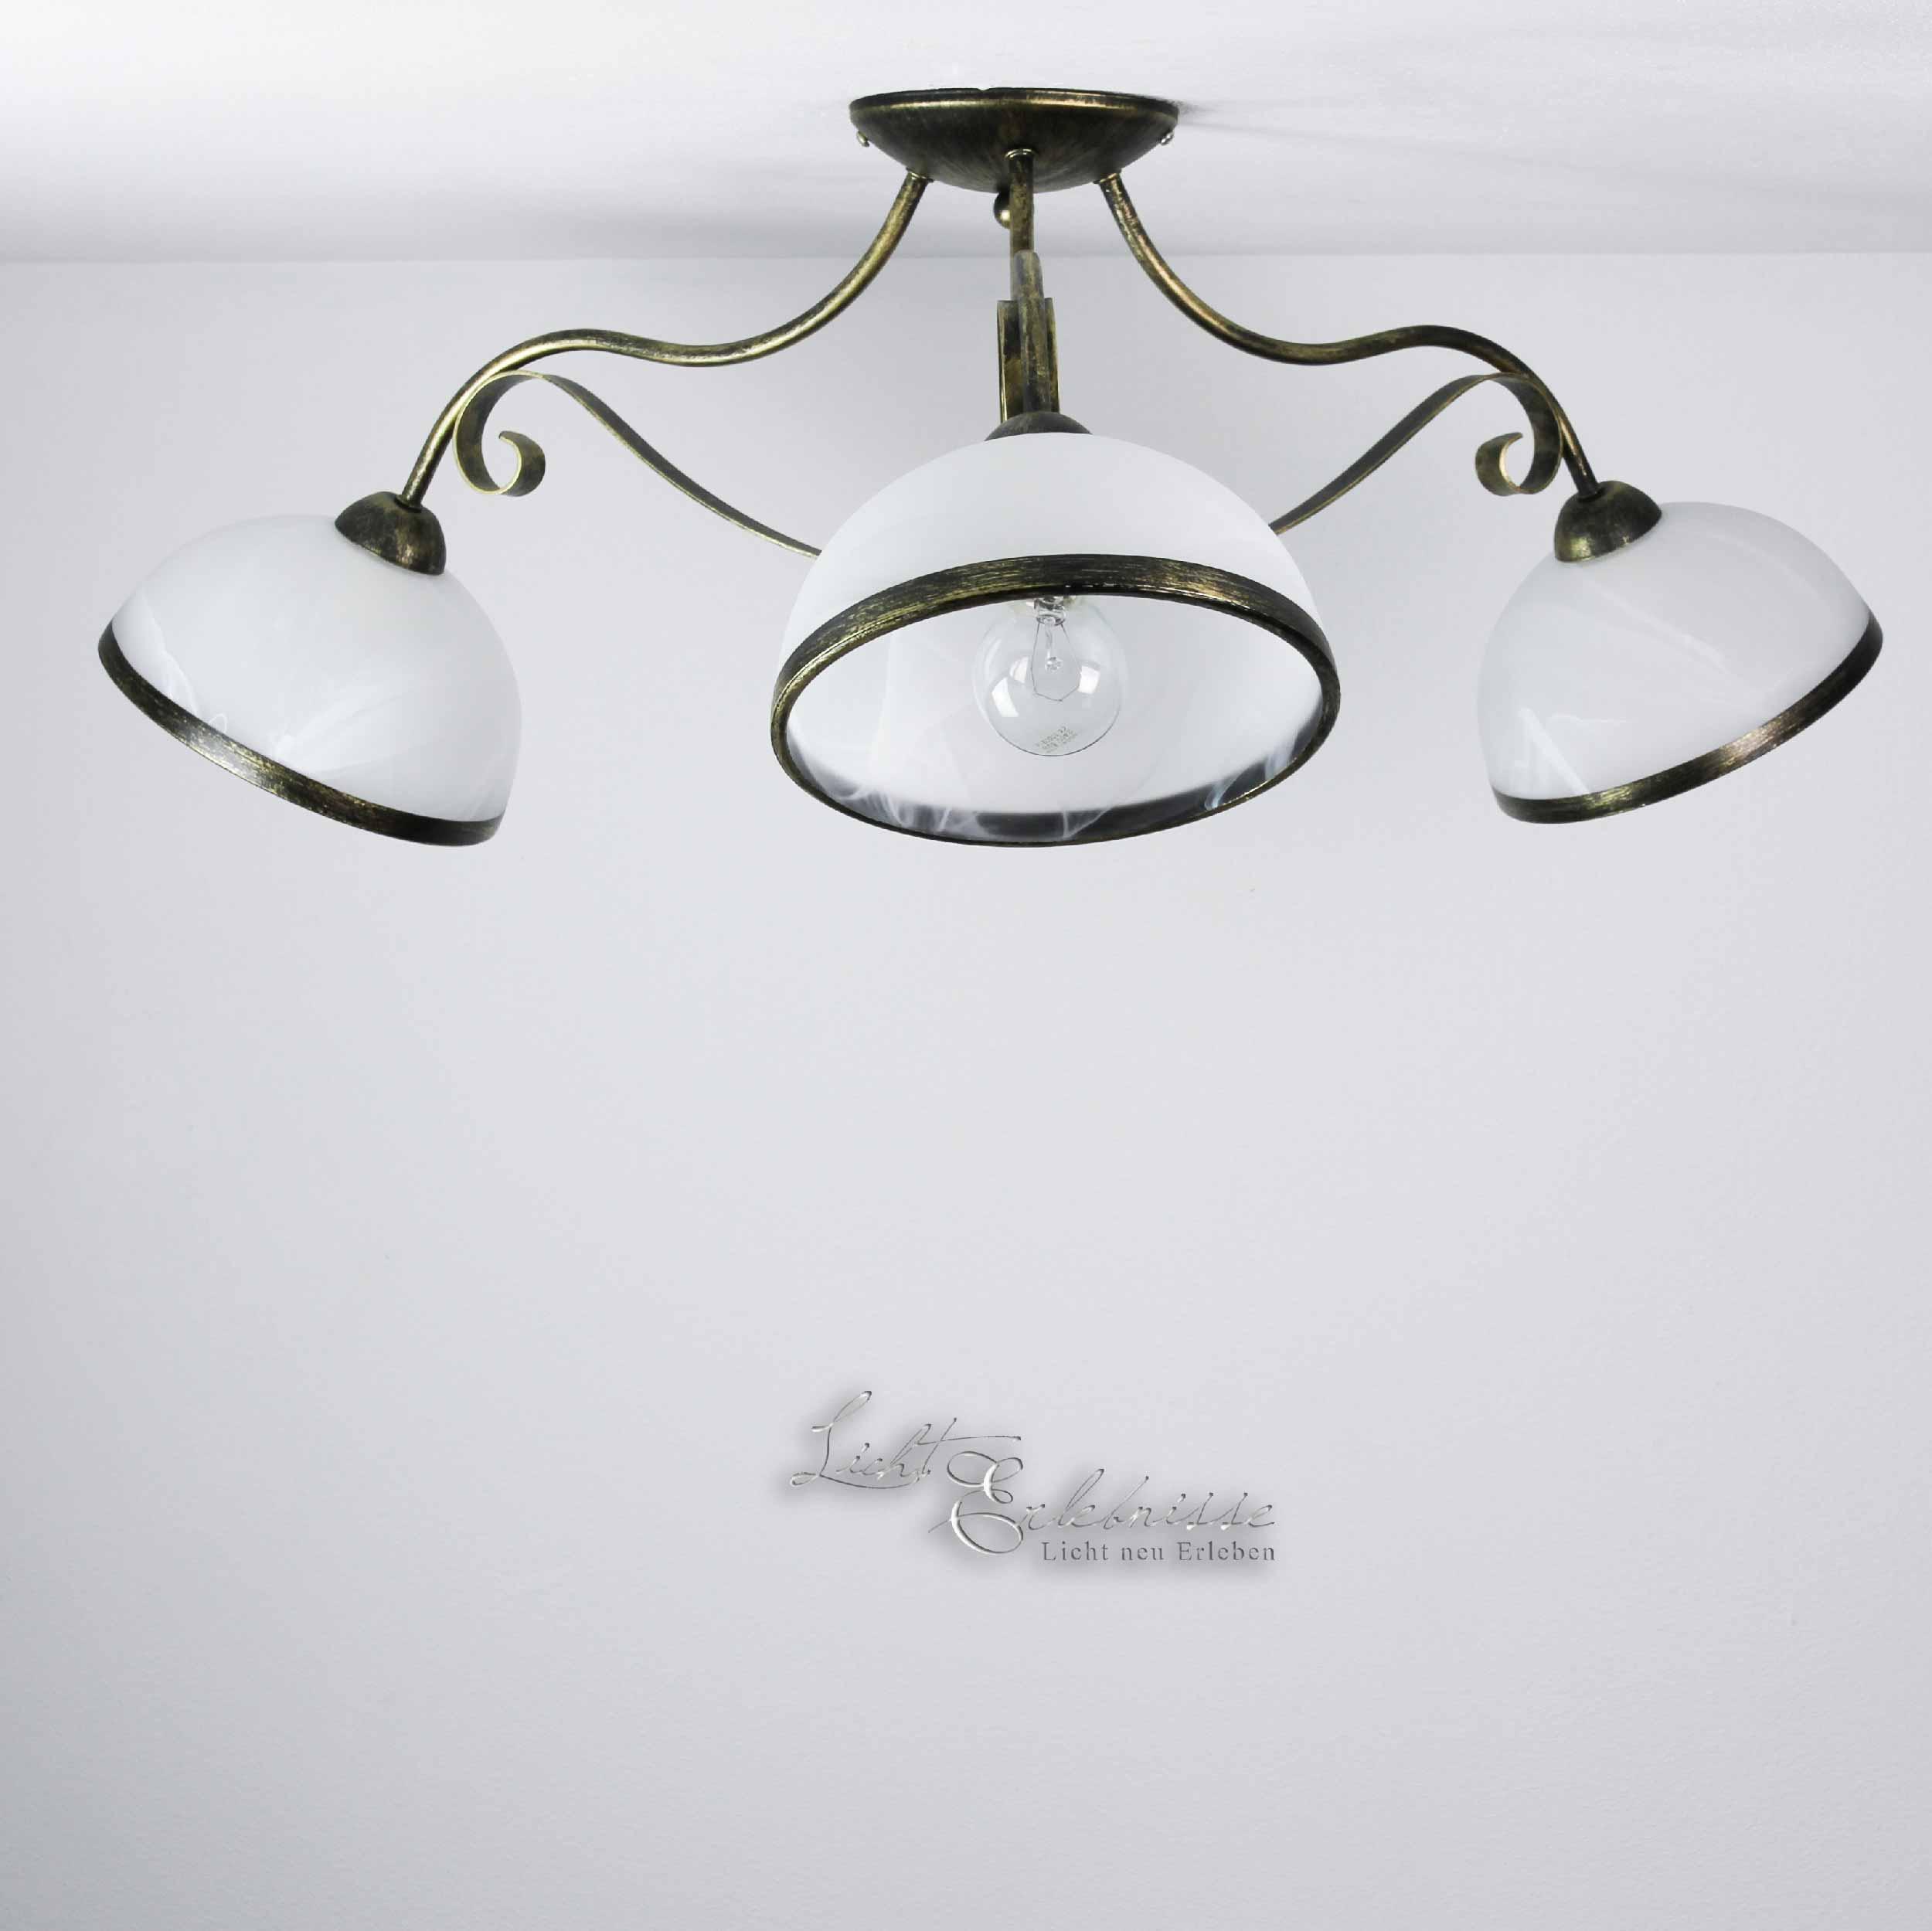 Deckenleuchte 3x E27 in Messing Ø70cm Leuchte Decke Deckenlampe Rustikal Glas